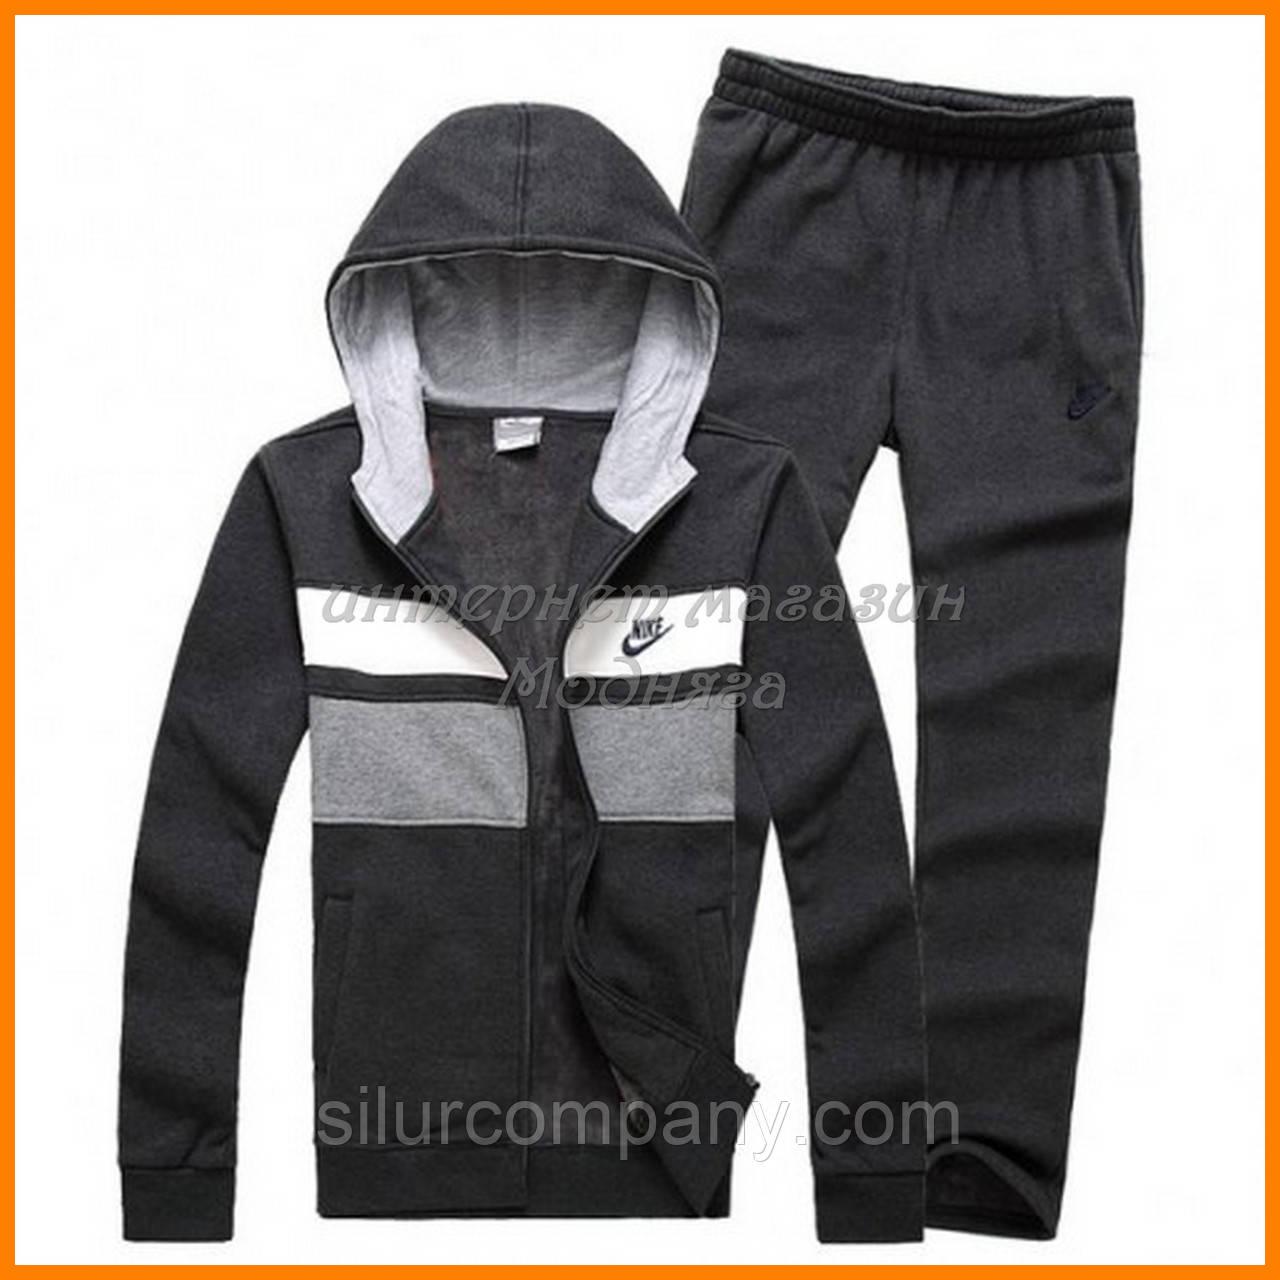 Спортивный костюм Nike - красивая модель  продажа, цена в Киеве, в ... 18e9d2ff6c0